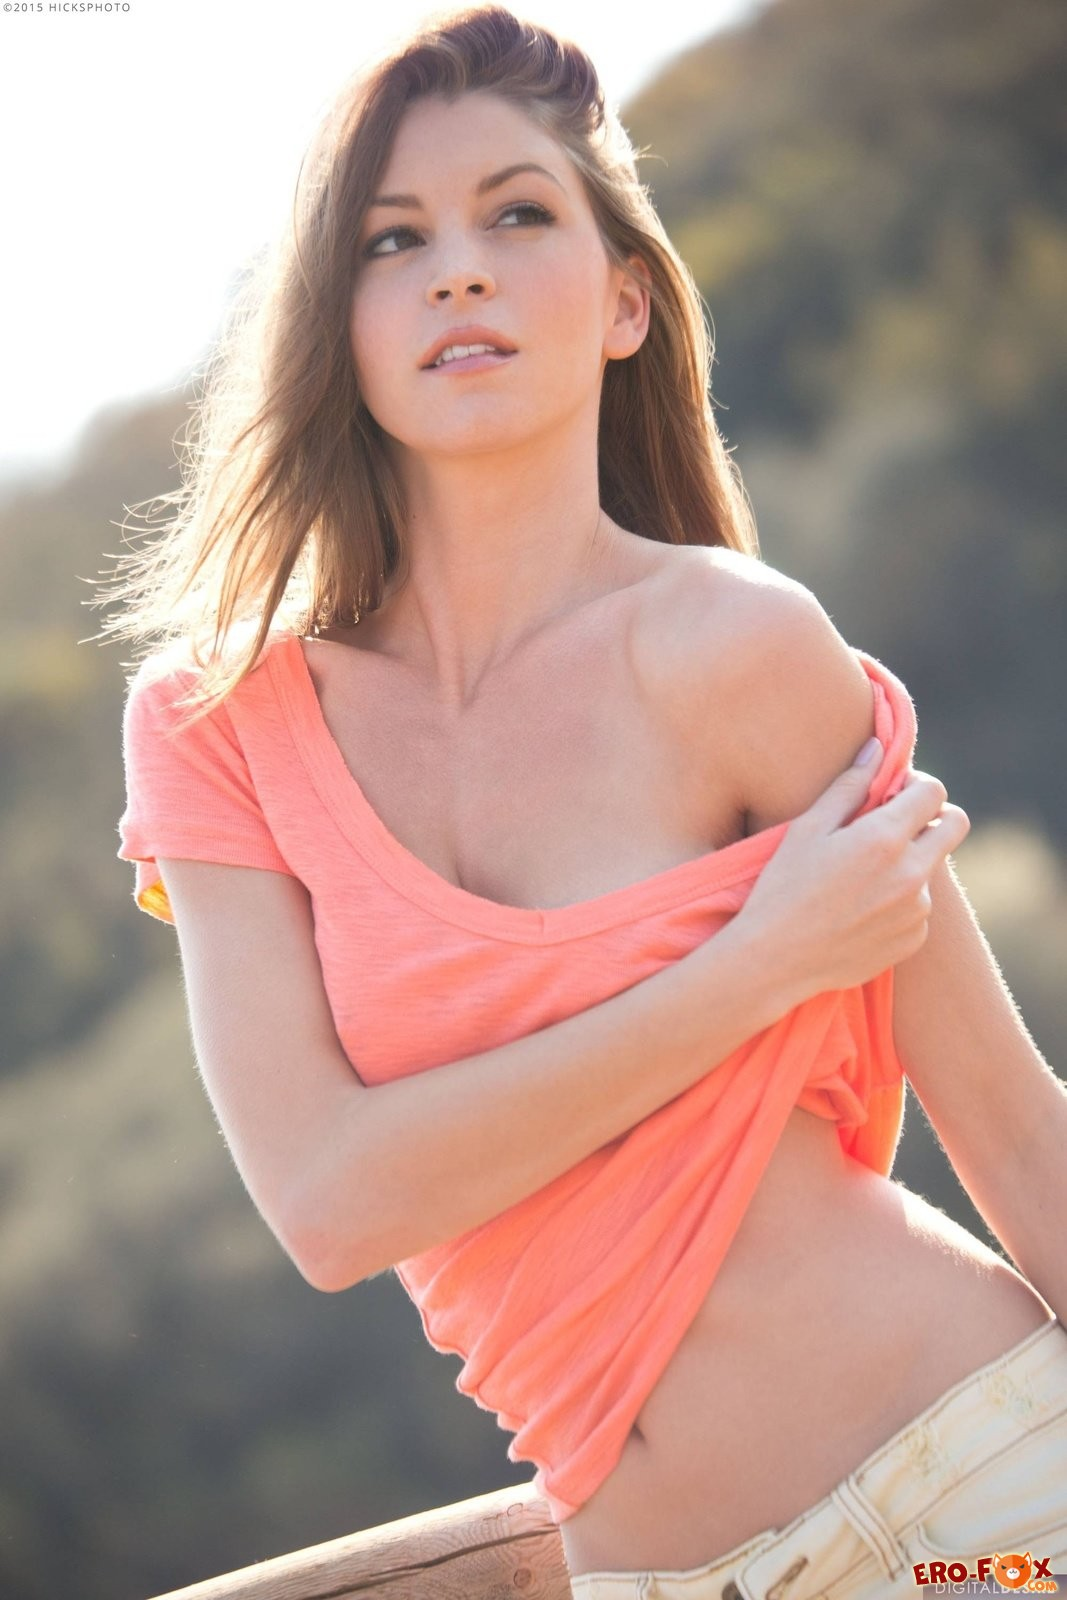 Шикарная девушка с красивой грудью и попкой